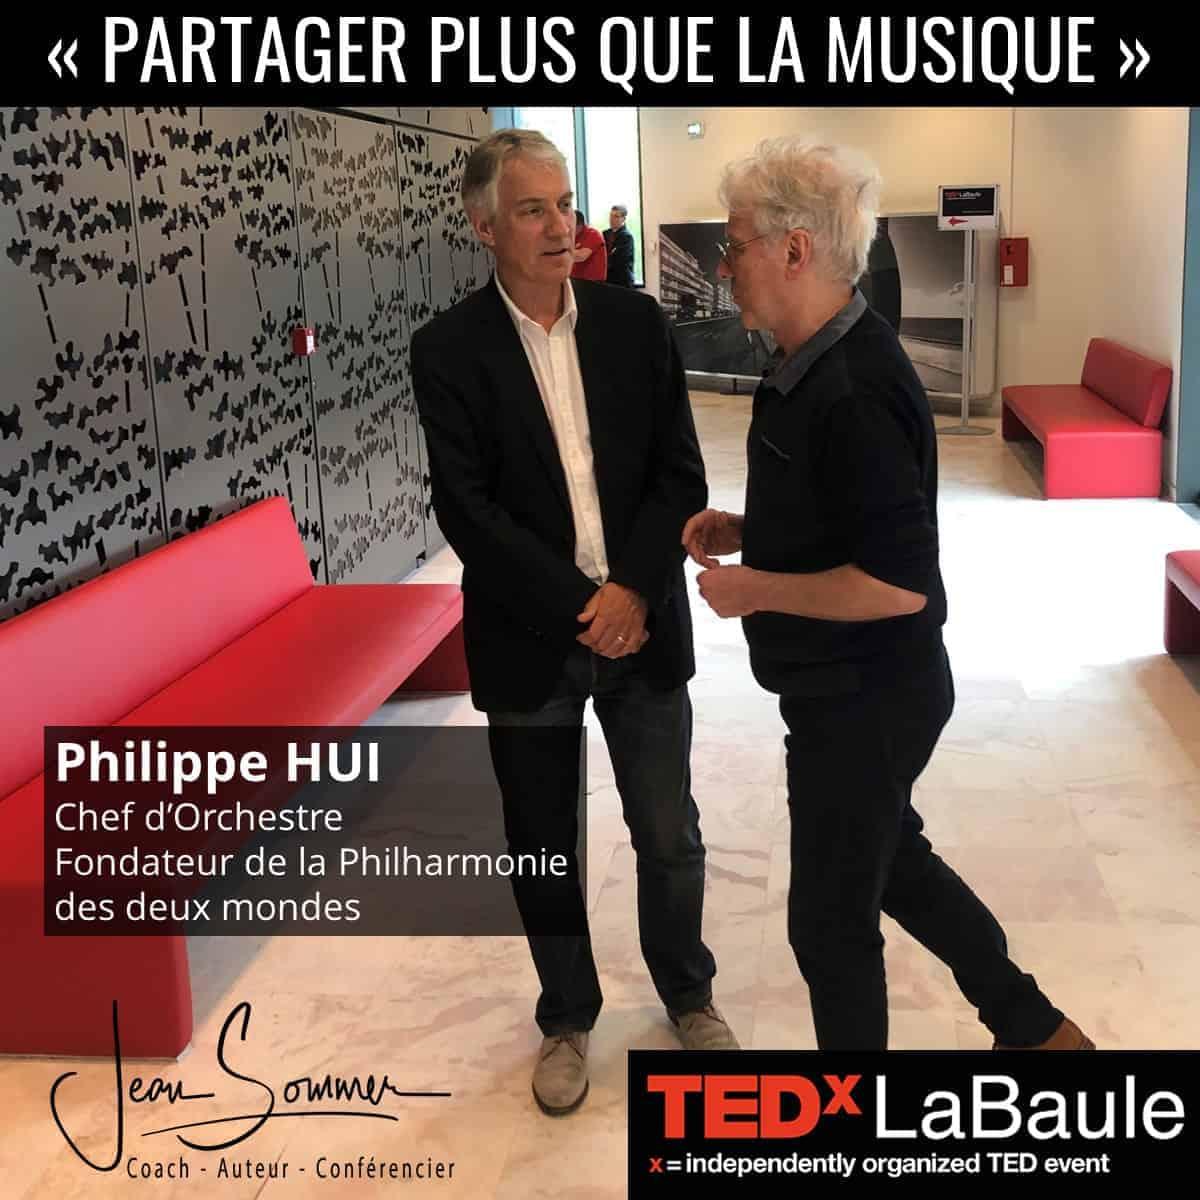 Jean Sommer TedX